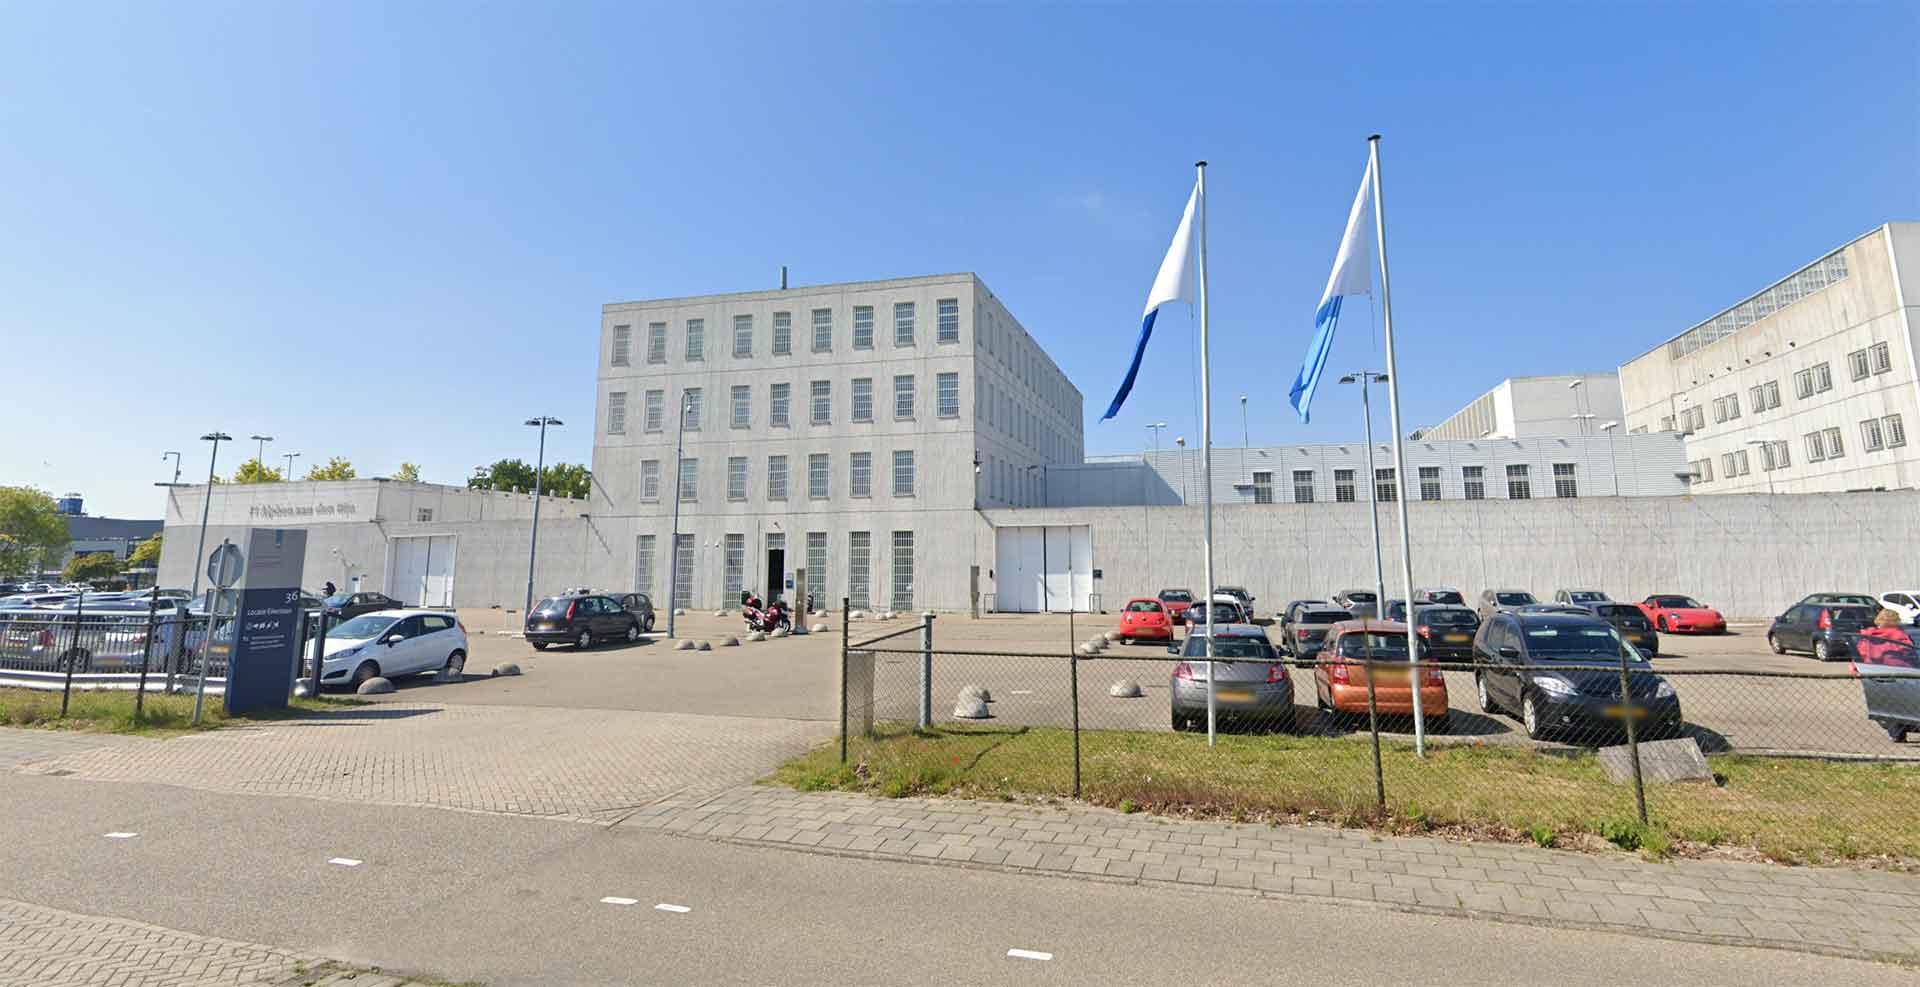 Penitentiaire Inrichting PI Alphen aan den Rijn - Weening Strafrechtadvocaten